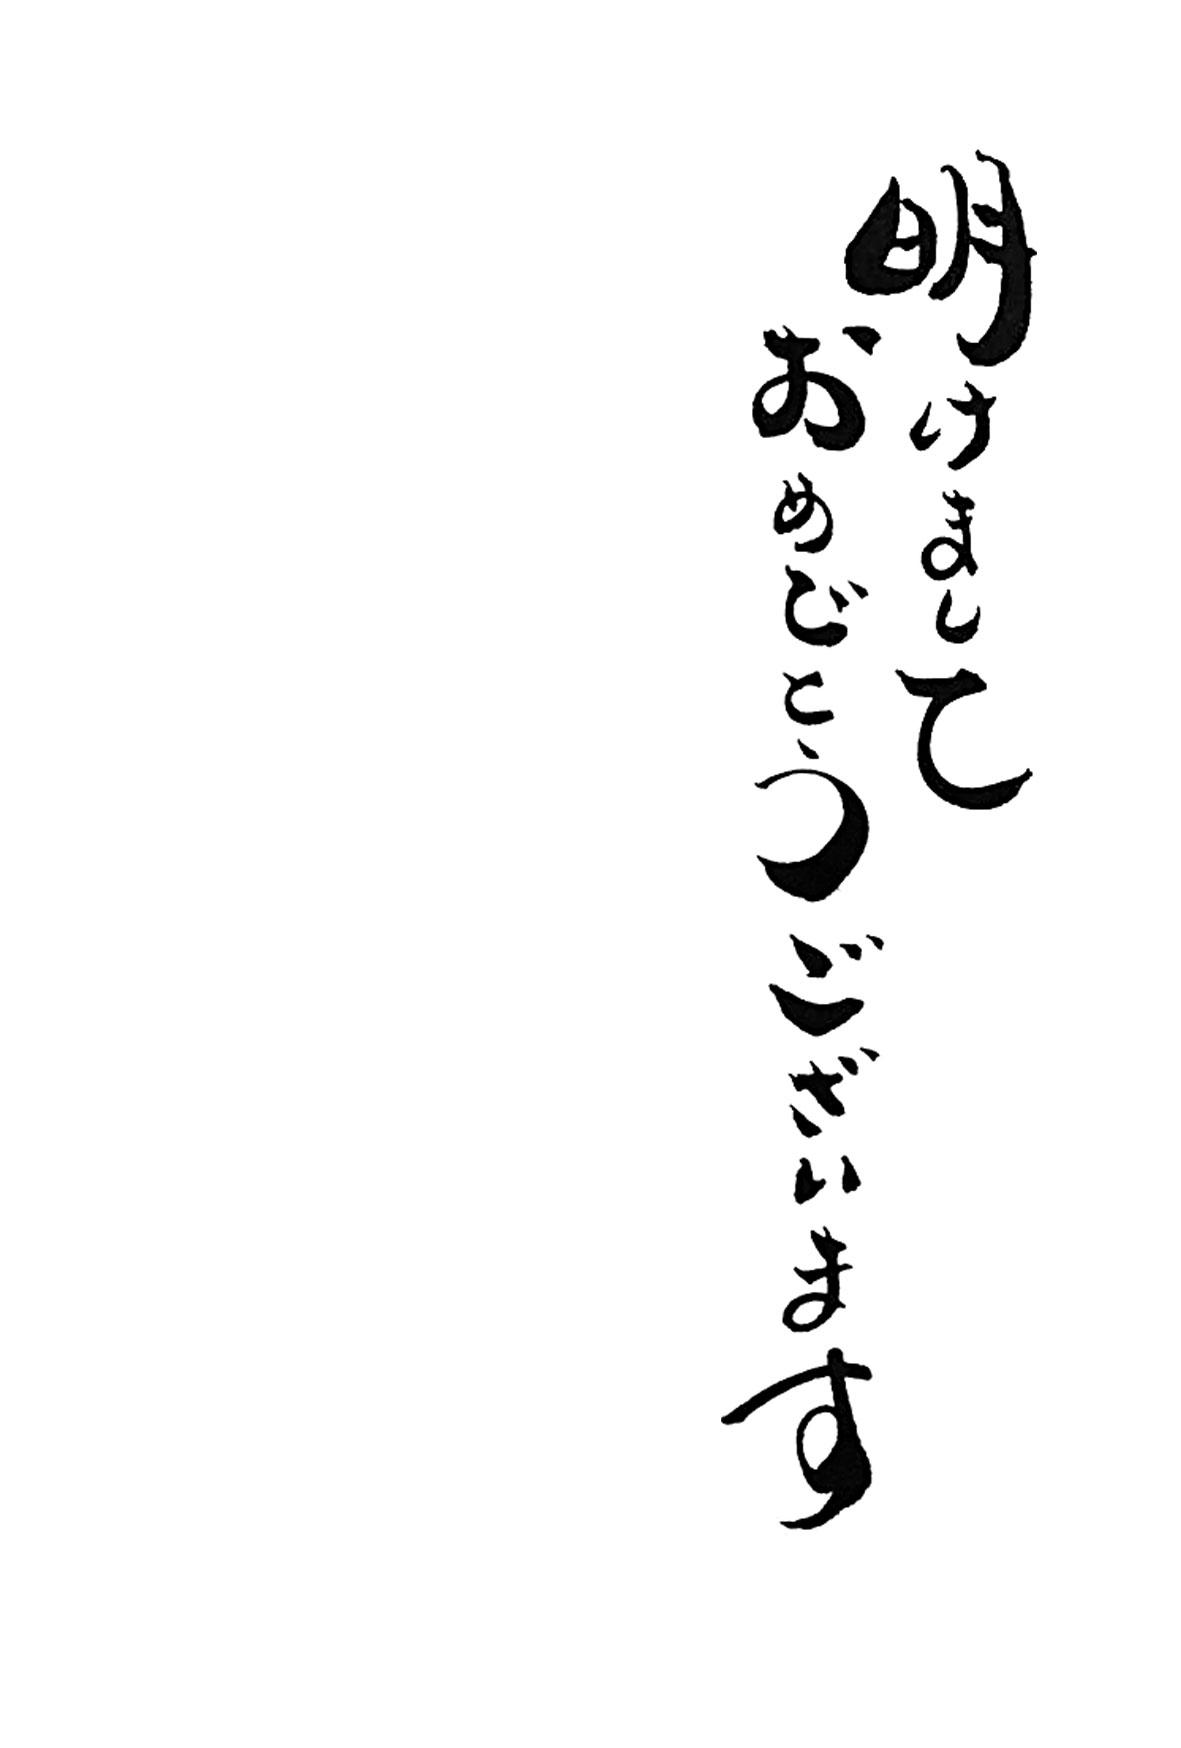 白地に黒く「明けましておめでとうございます」とだけ書かれた、シンプルな、和風デザインの年賀状テンプレートです。